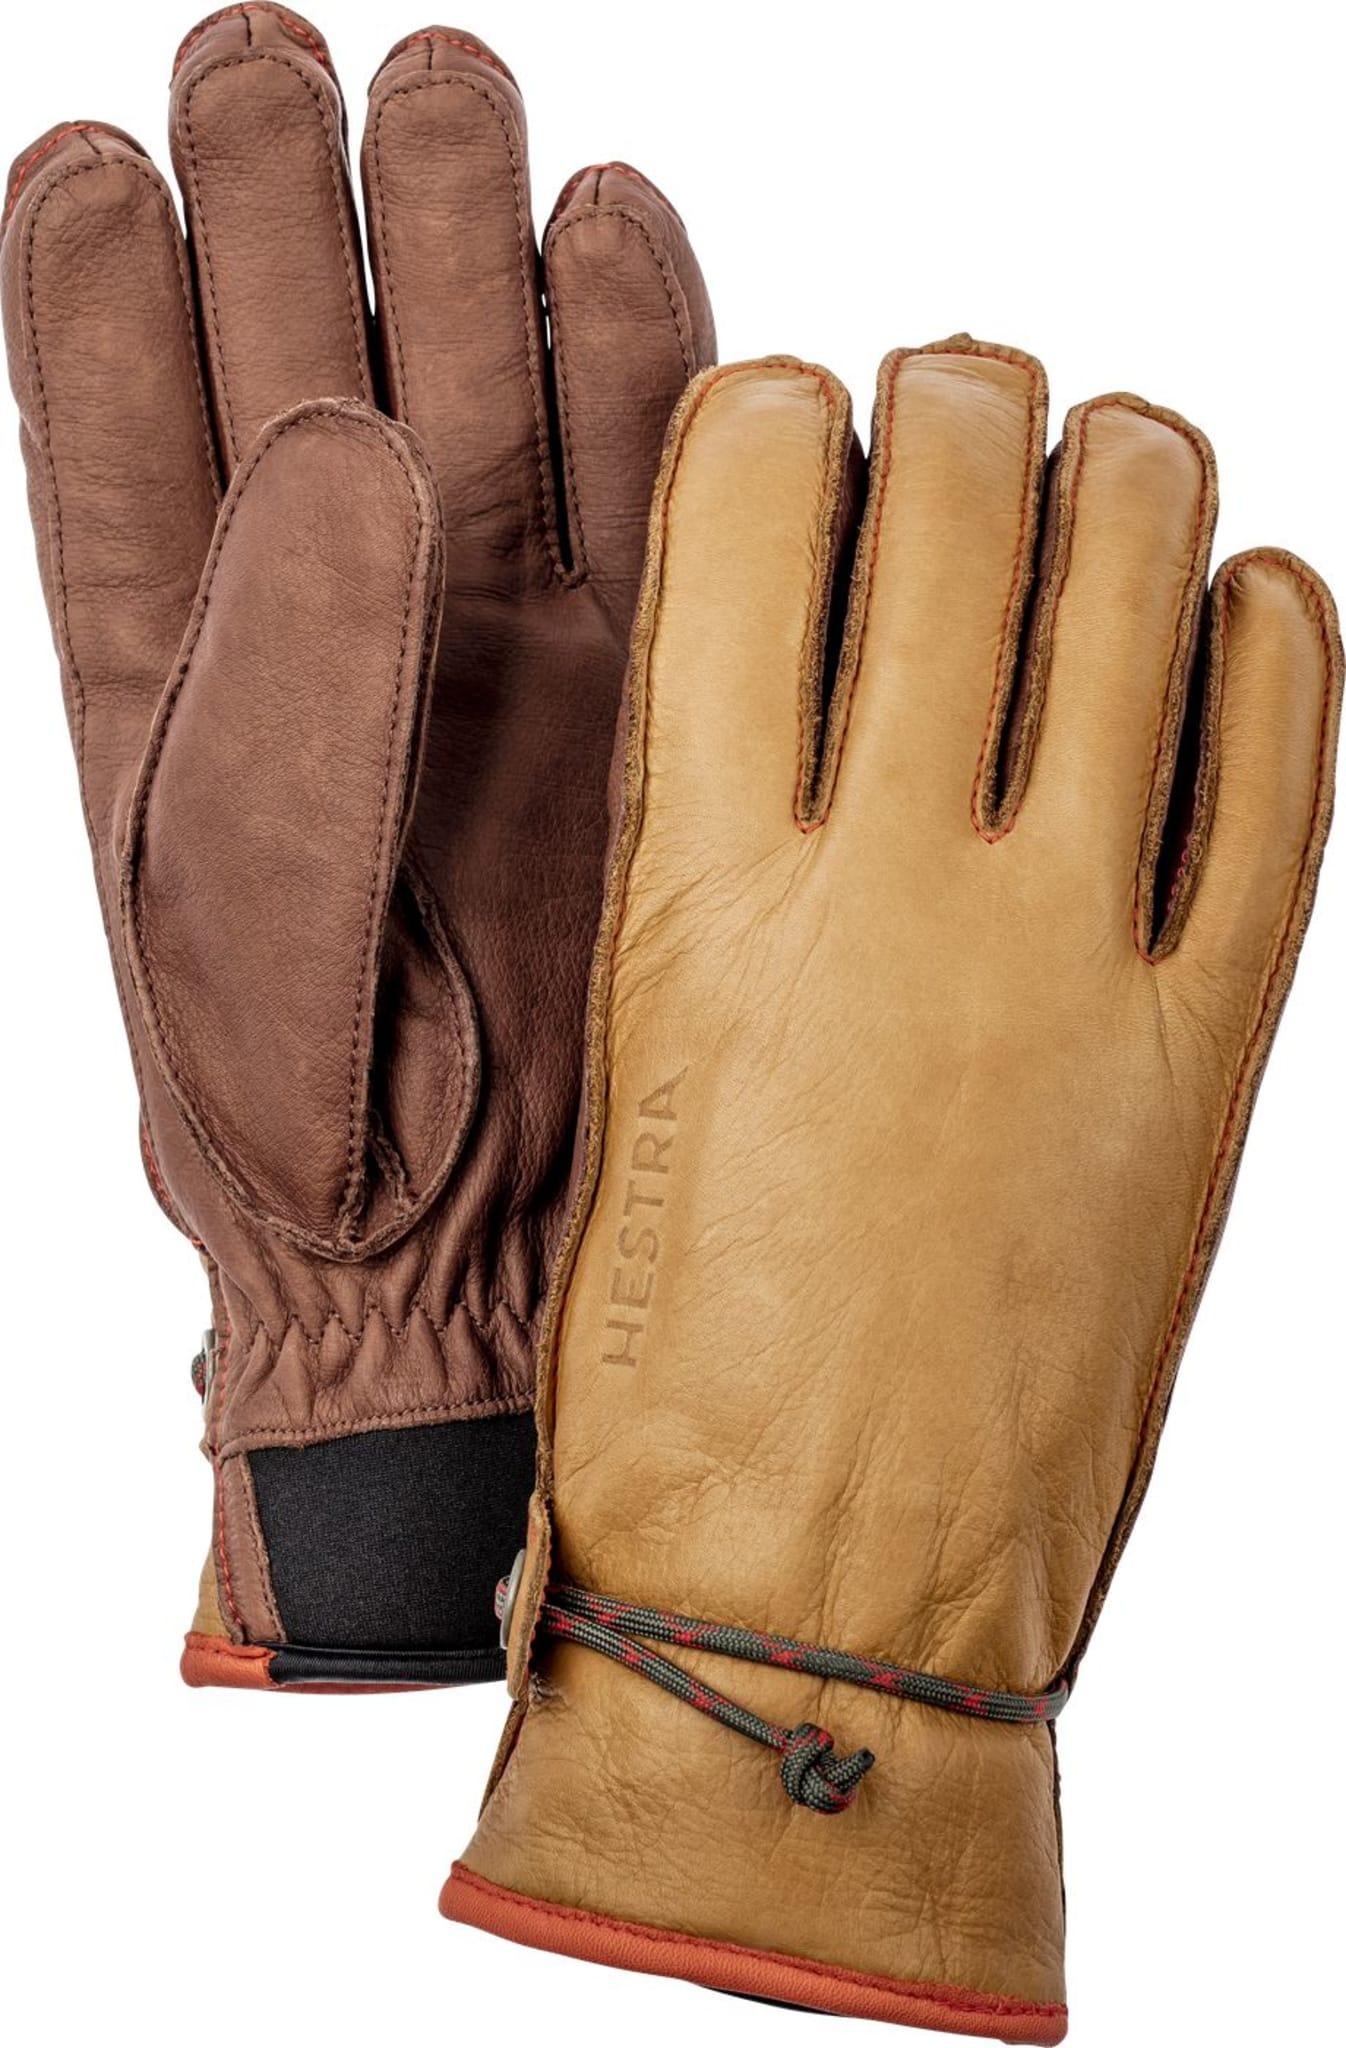 Retro inspirert hanske laget av mykt kuskinn